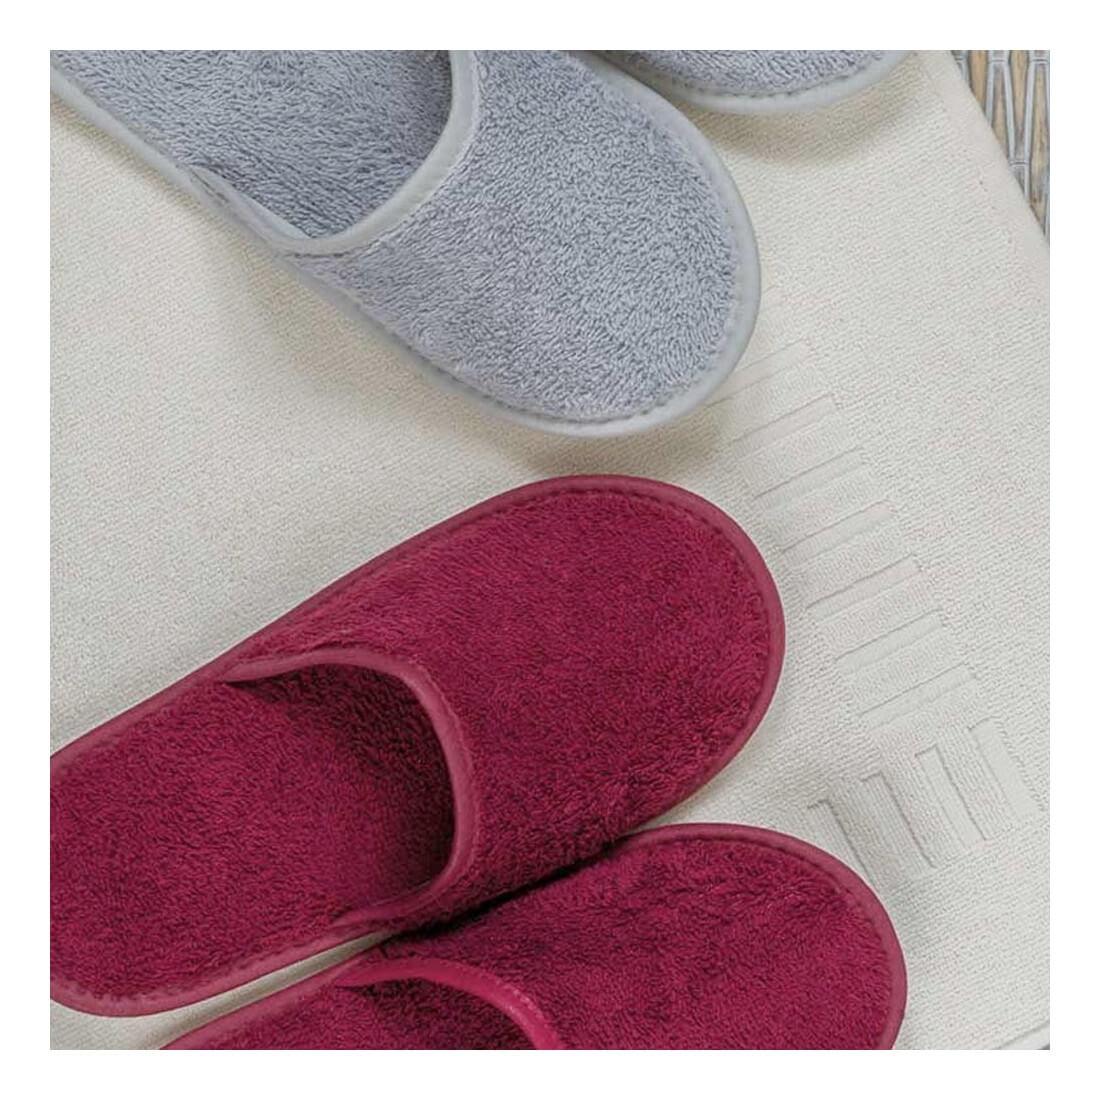 ▷ Zapatillas para baño Bassic -【Algodón 95%】- TheBath